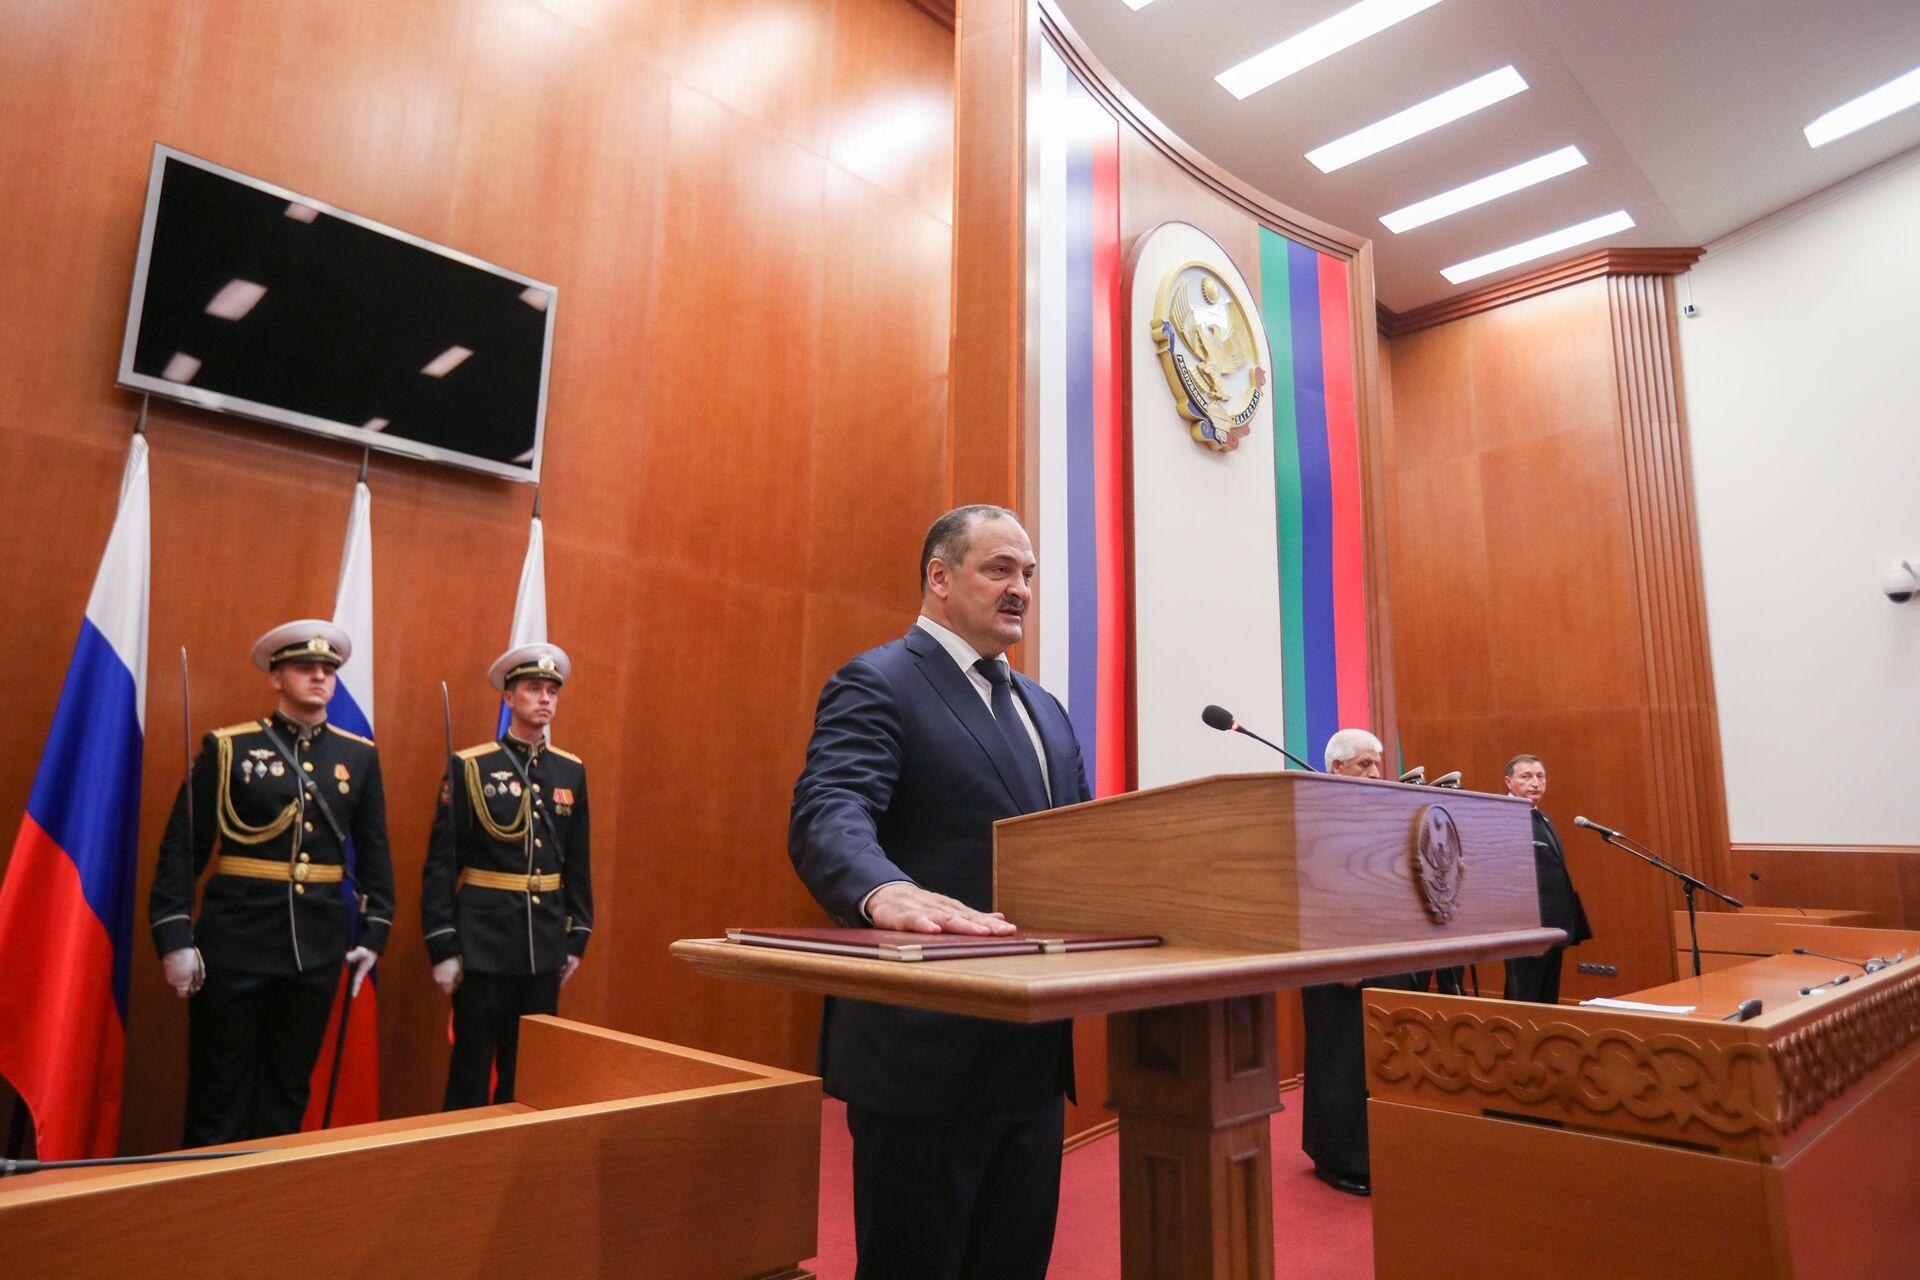 Церемония вступления в должность главы Дагестана Сергея Меликова - Sputnik Южная Осетия, 1920, 26.10.2021